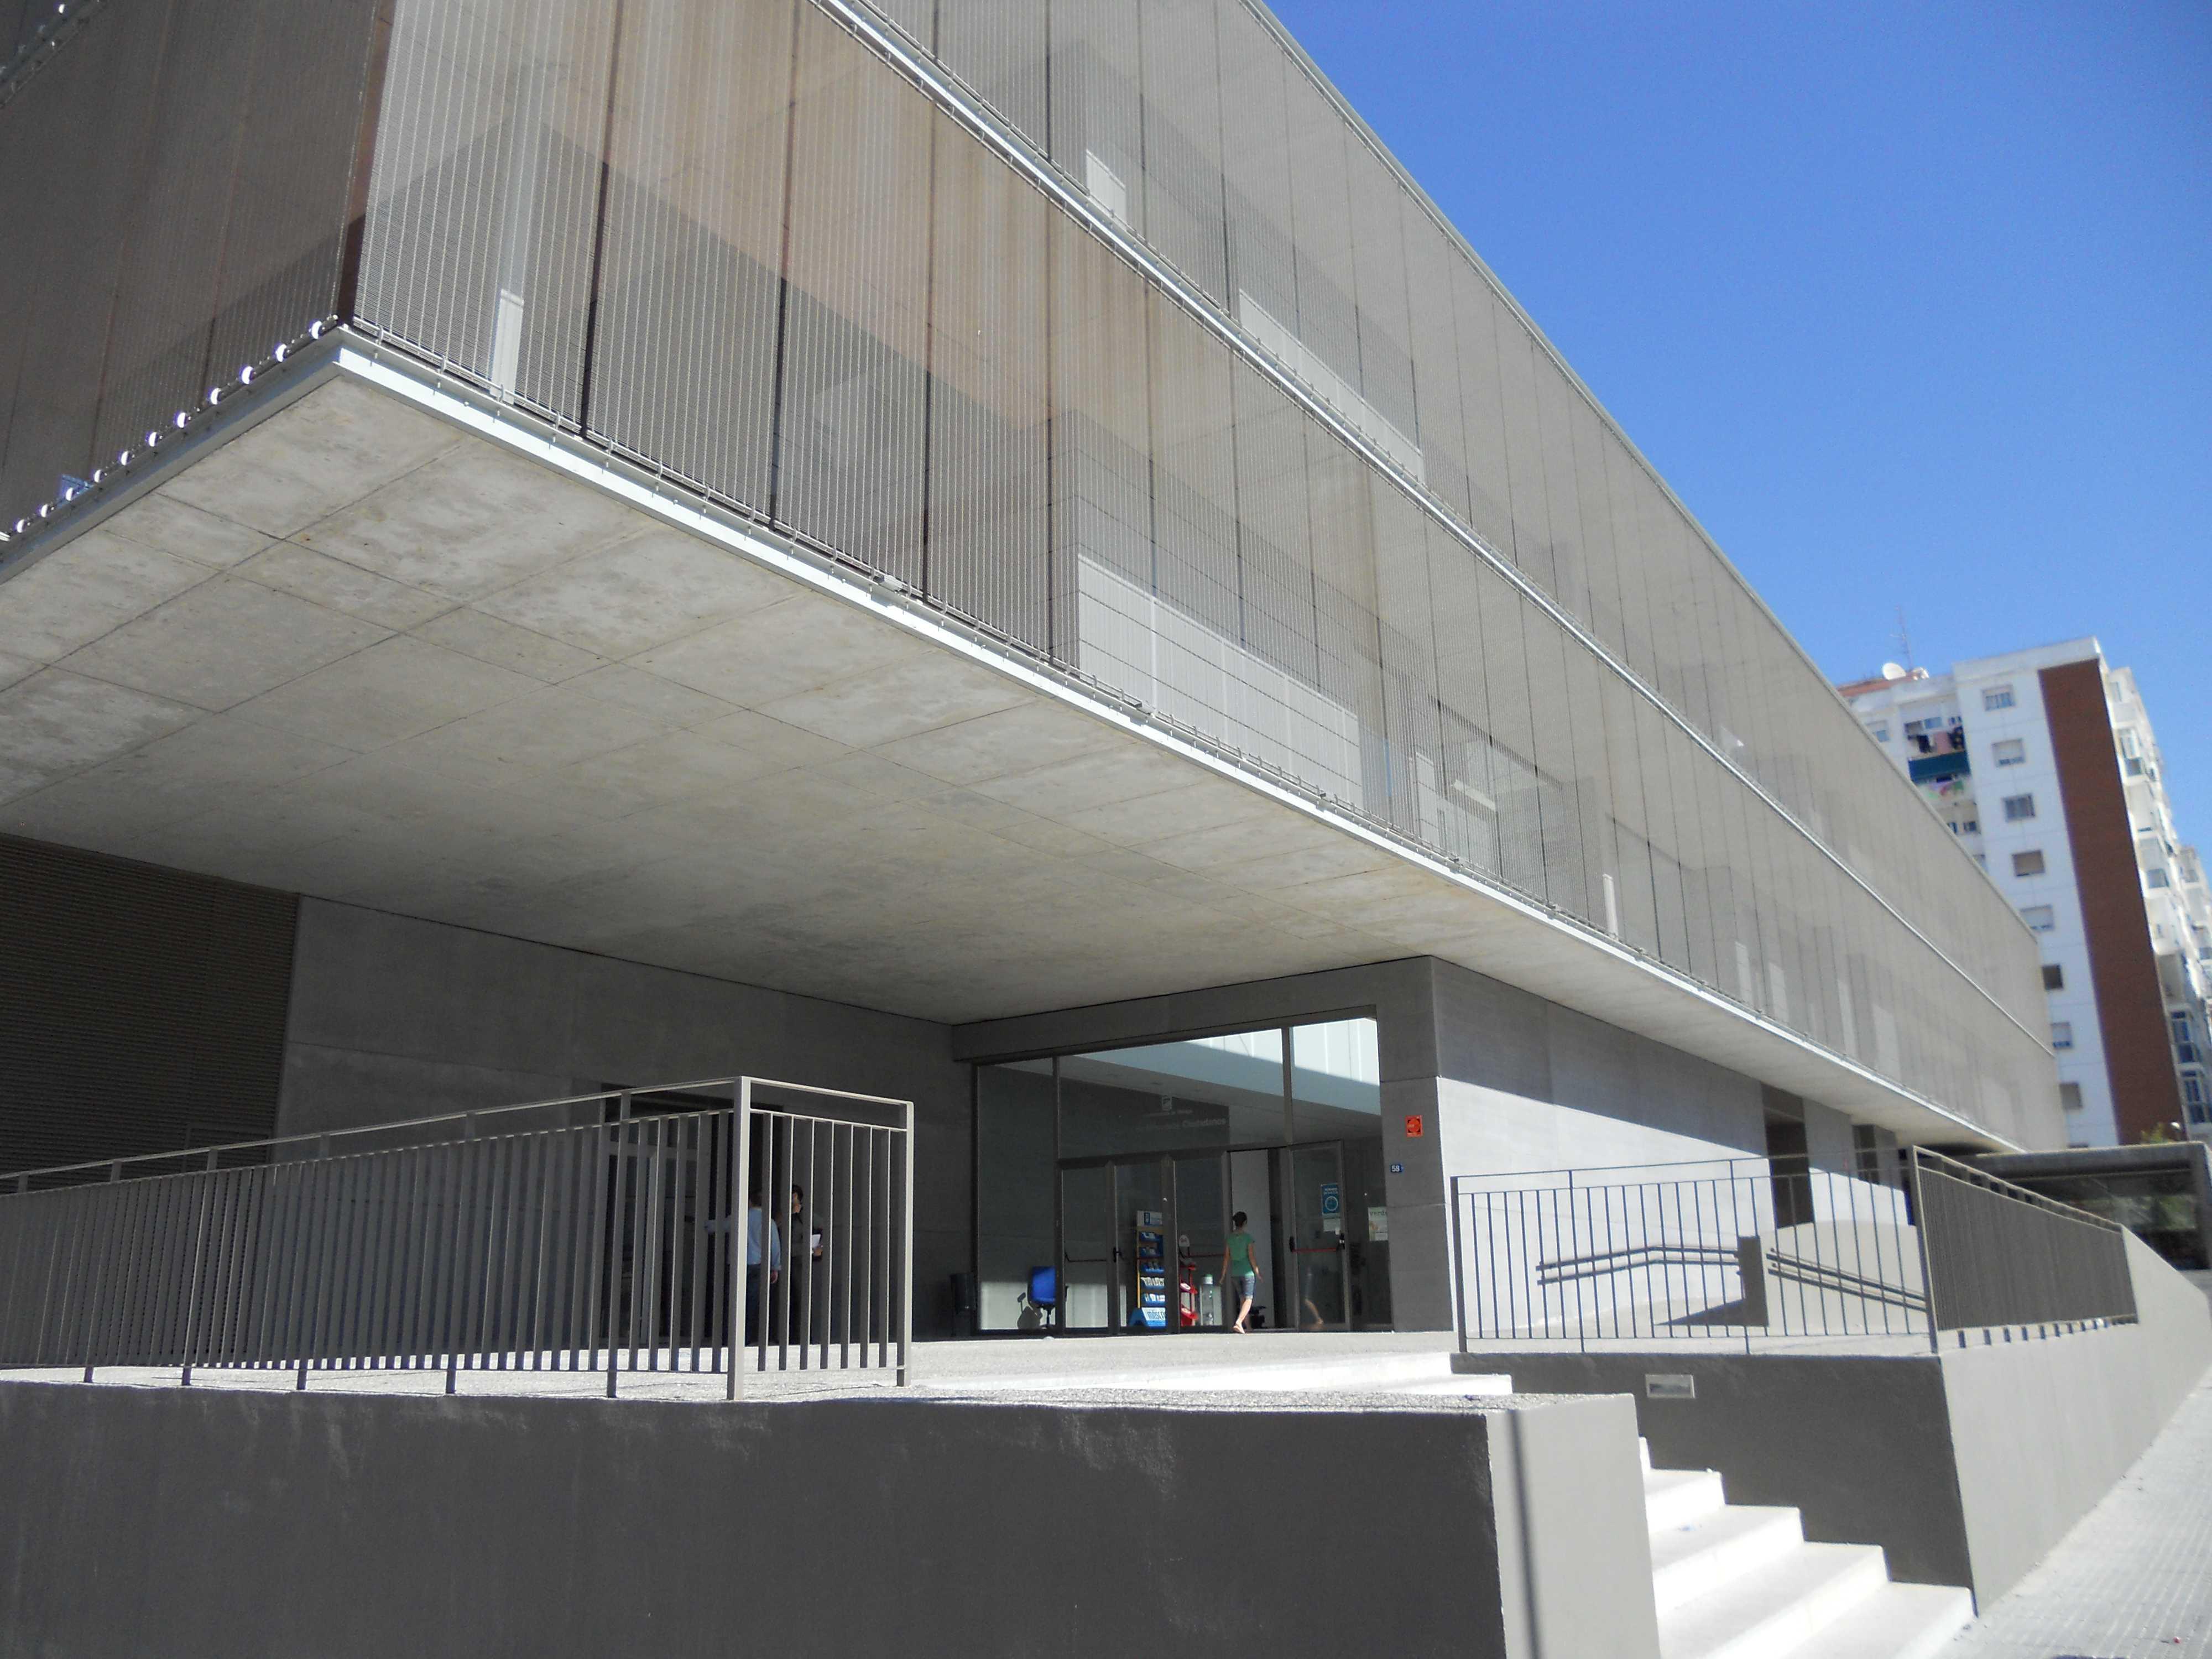 Oficina Municipal de Atención a la Ciudadanía (OMAC 4 - Bailén Miraflores)